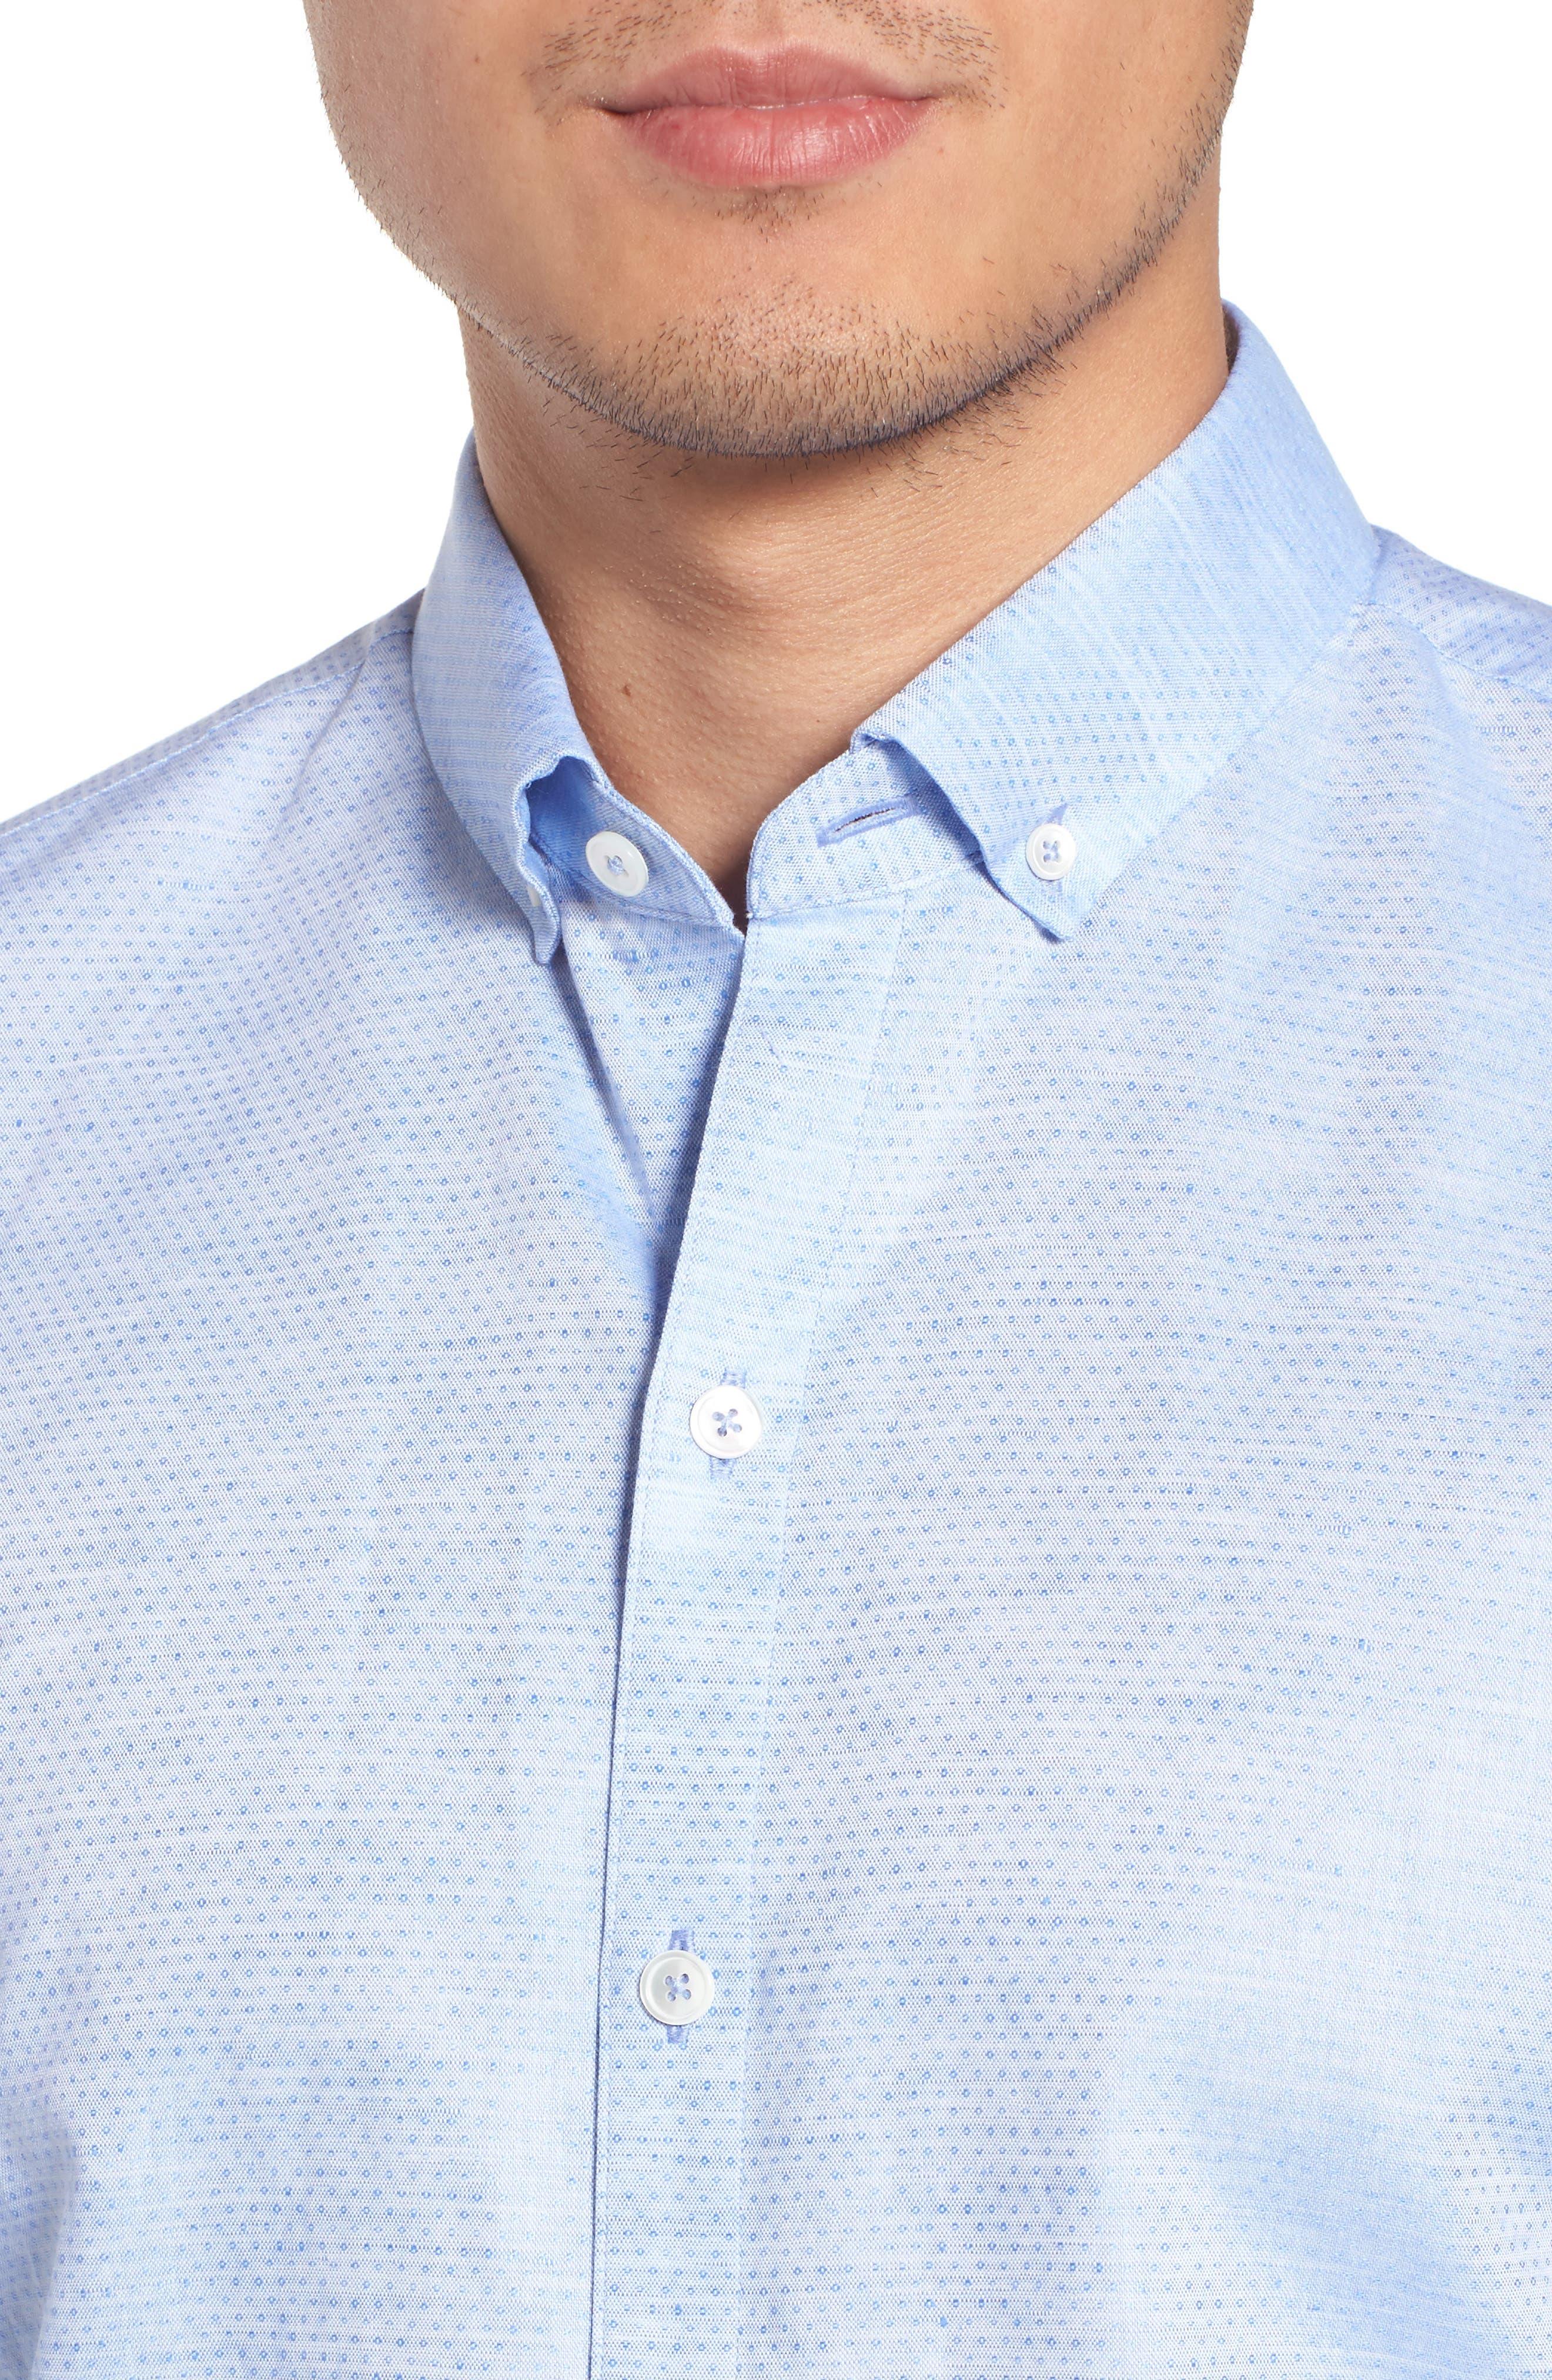 Gomis Regular Fit Dobby Sport Shirt,                             Alternate thumbnail 4, color,                             Light Blue